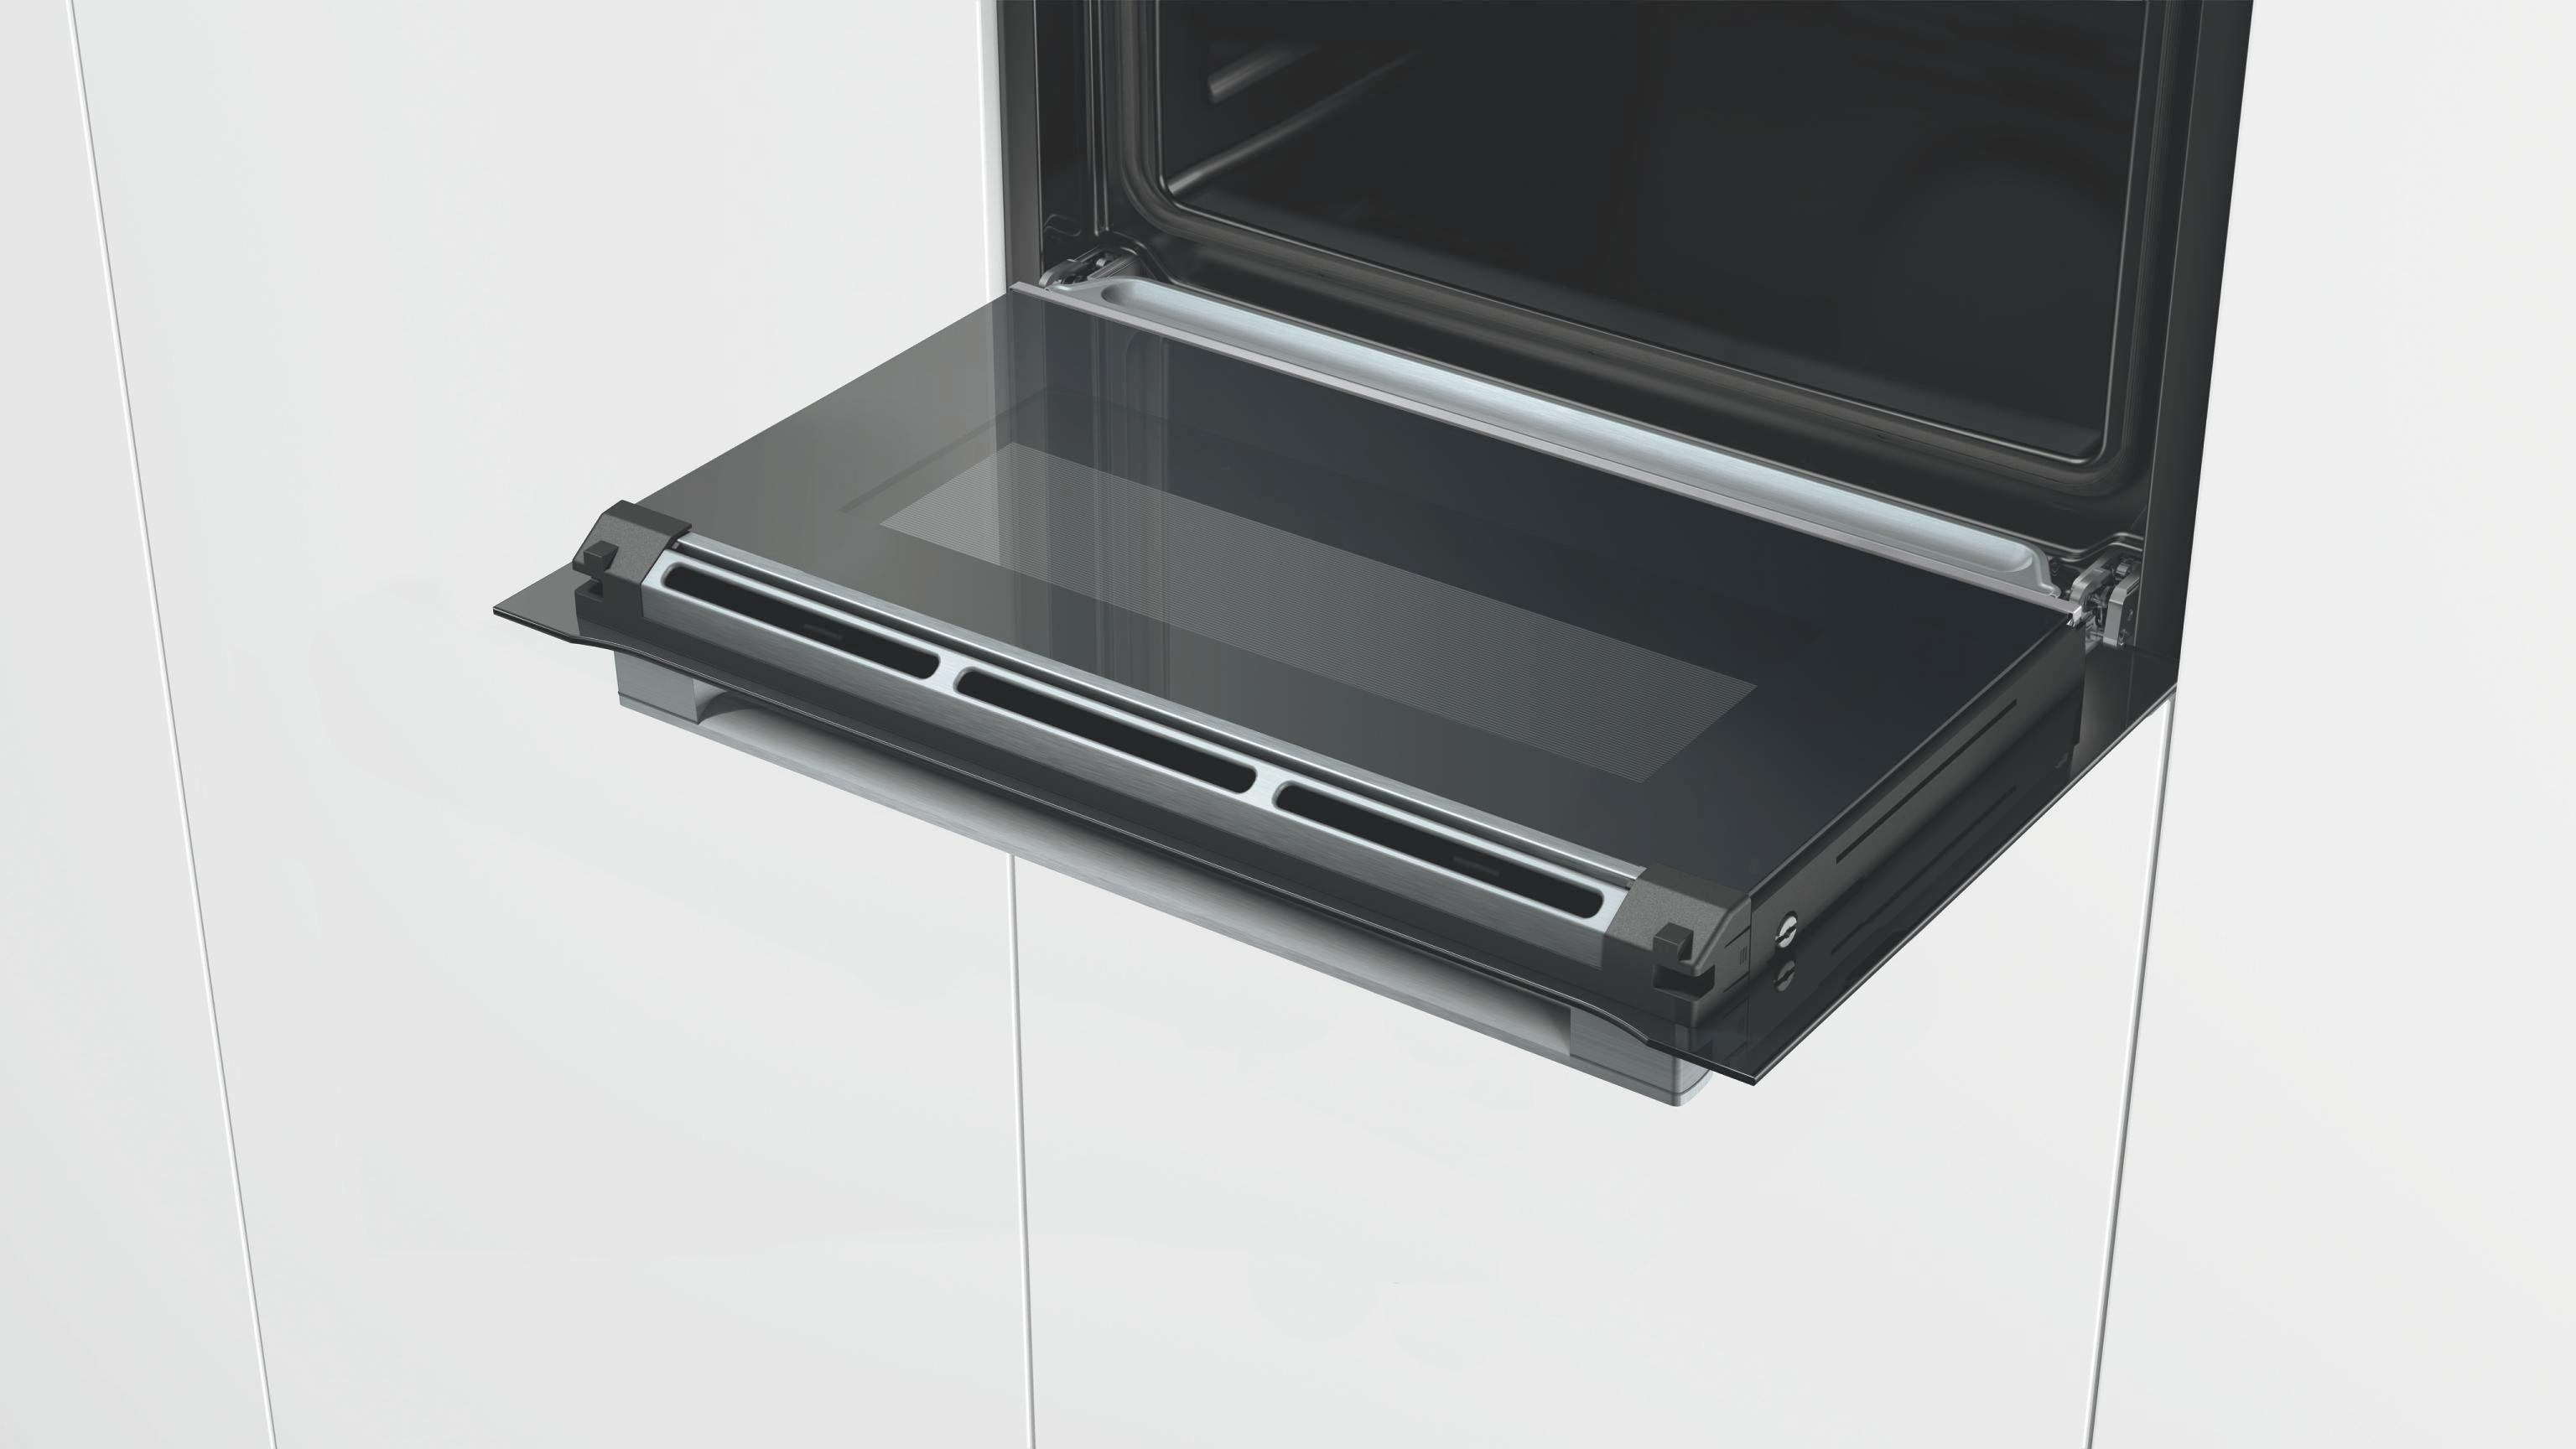 Kompaktbackofen Bosch Csg636bs2, EEZ A+ - Glas/Metall (59,5/45,5/54,8cm) - BOSCH